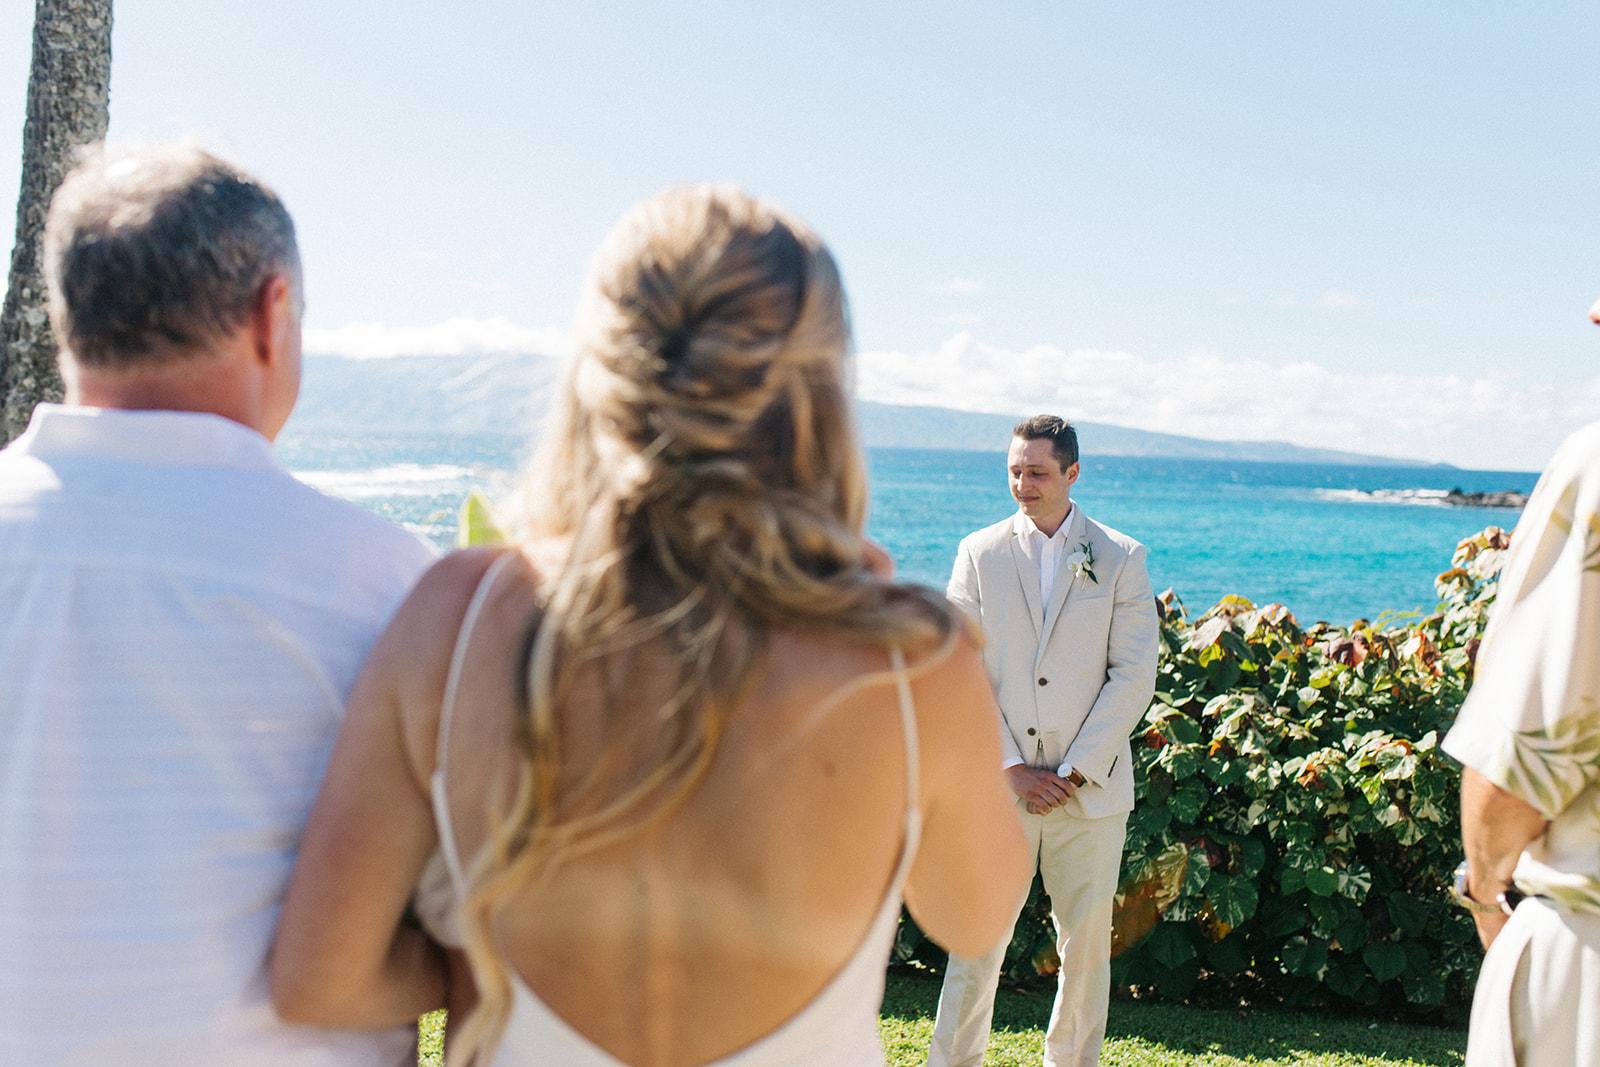 spokane bride and groom first look hawaii wedding